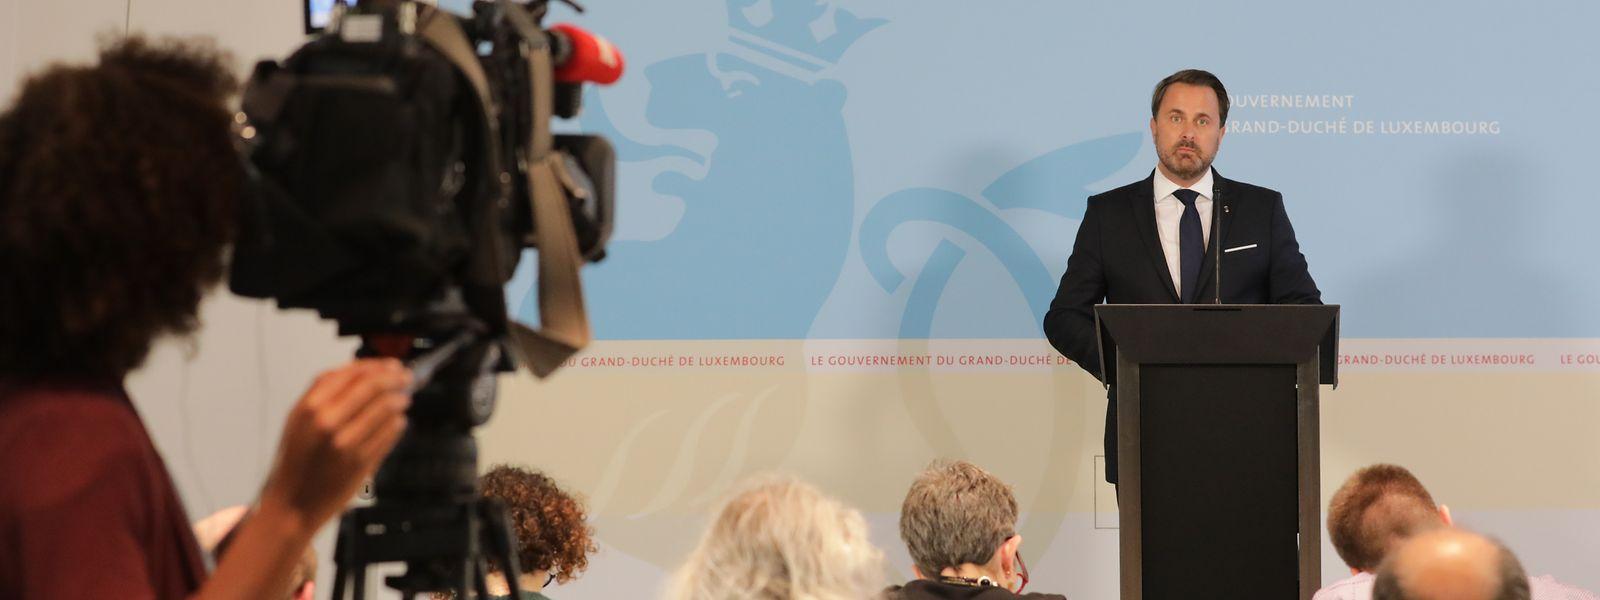 Premierminister Xavier Bettel informierte die Presse über die temporäre Umbildung der Regierung.